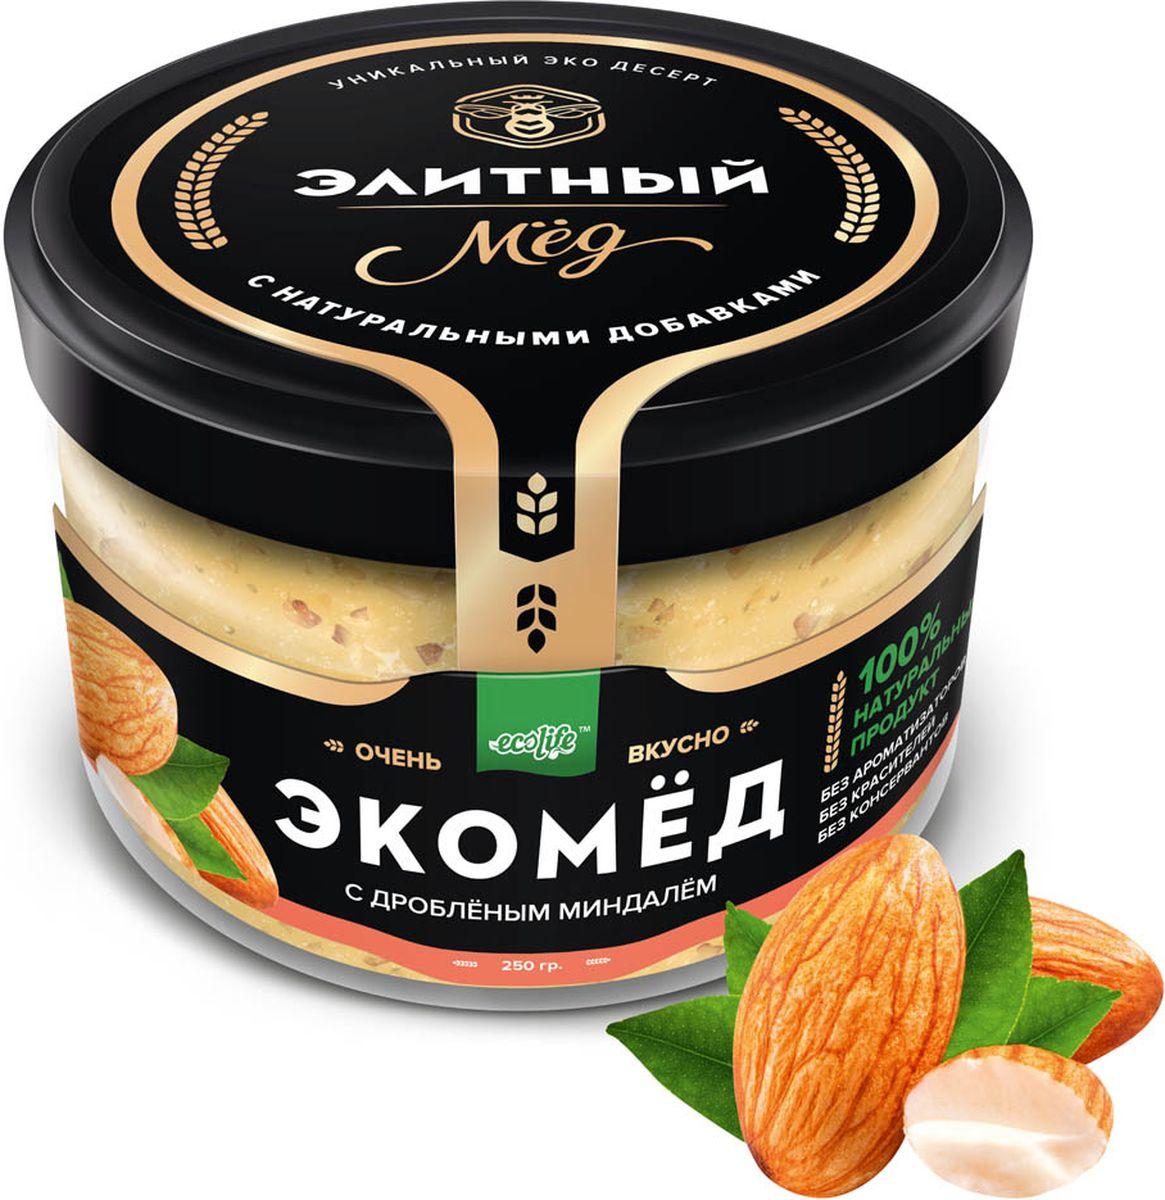 Ecolife Экомед с миндалем, 250 г4665298961684100% натуральный экопродукт, имеющий в составе только натуральные ингредиенты. При изготовлении не используется дешевый подсолнечный мёд. Мед не нагревается, сохраняются все его полезные свойства. Экомёд не имеет эффекта расслаивания.Целебные сорта мёда. Статья OZON Гид